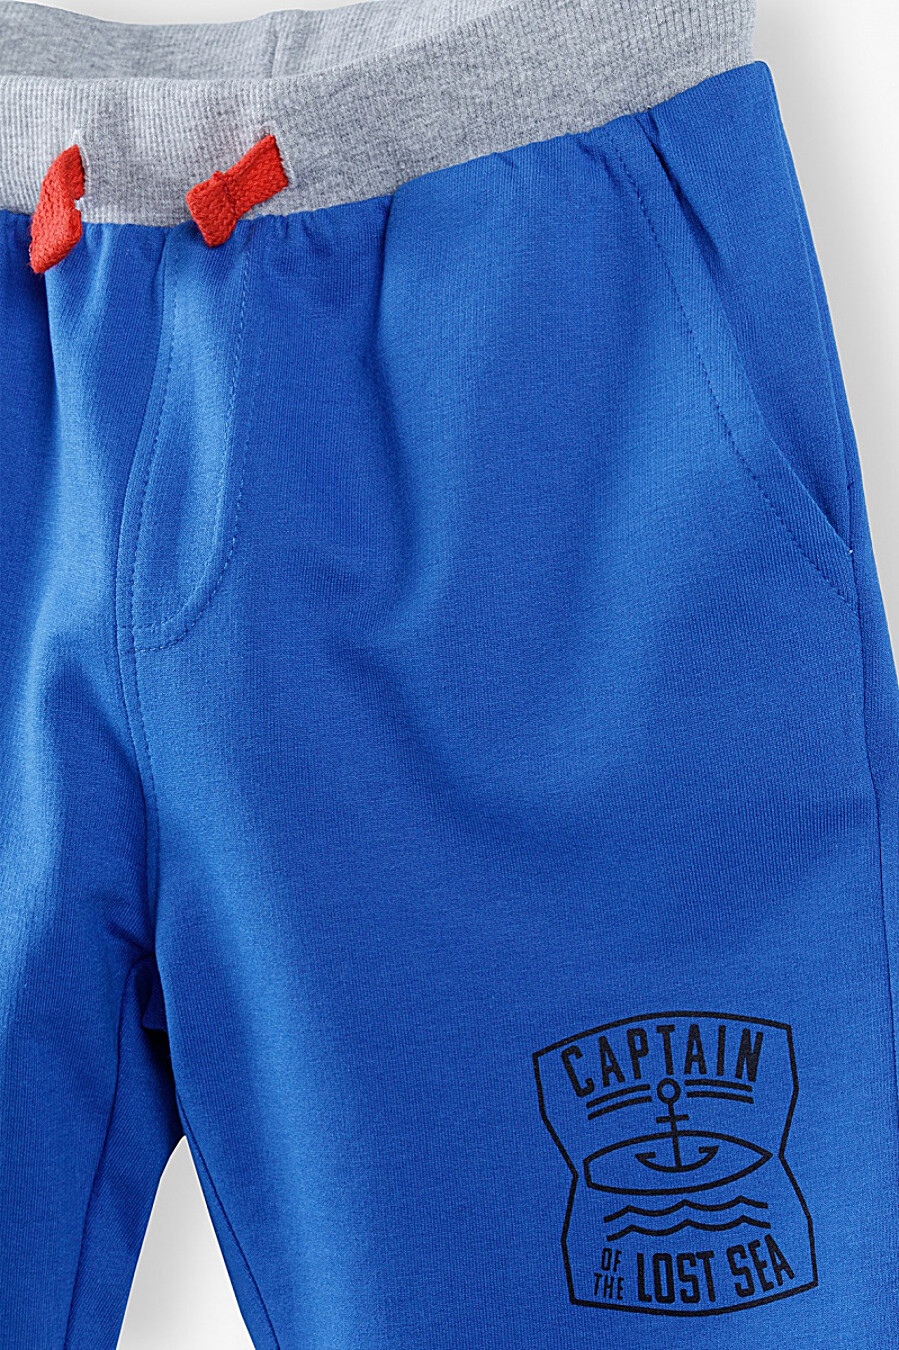 Шорты для мальчиков 5.10.15 668587 купить оптом от производителя. Совместная покупка детской одежды в OptMoyo